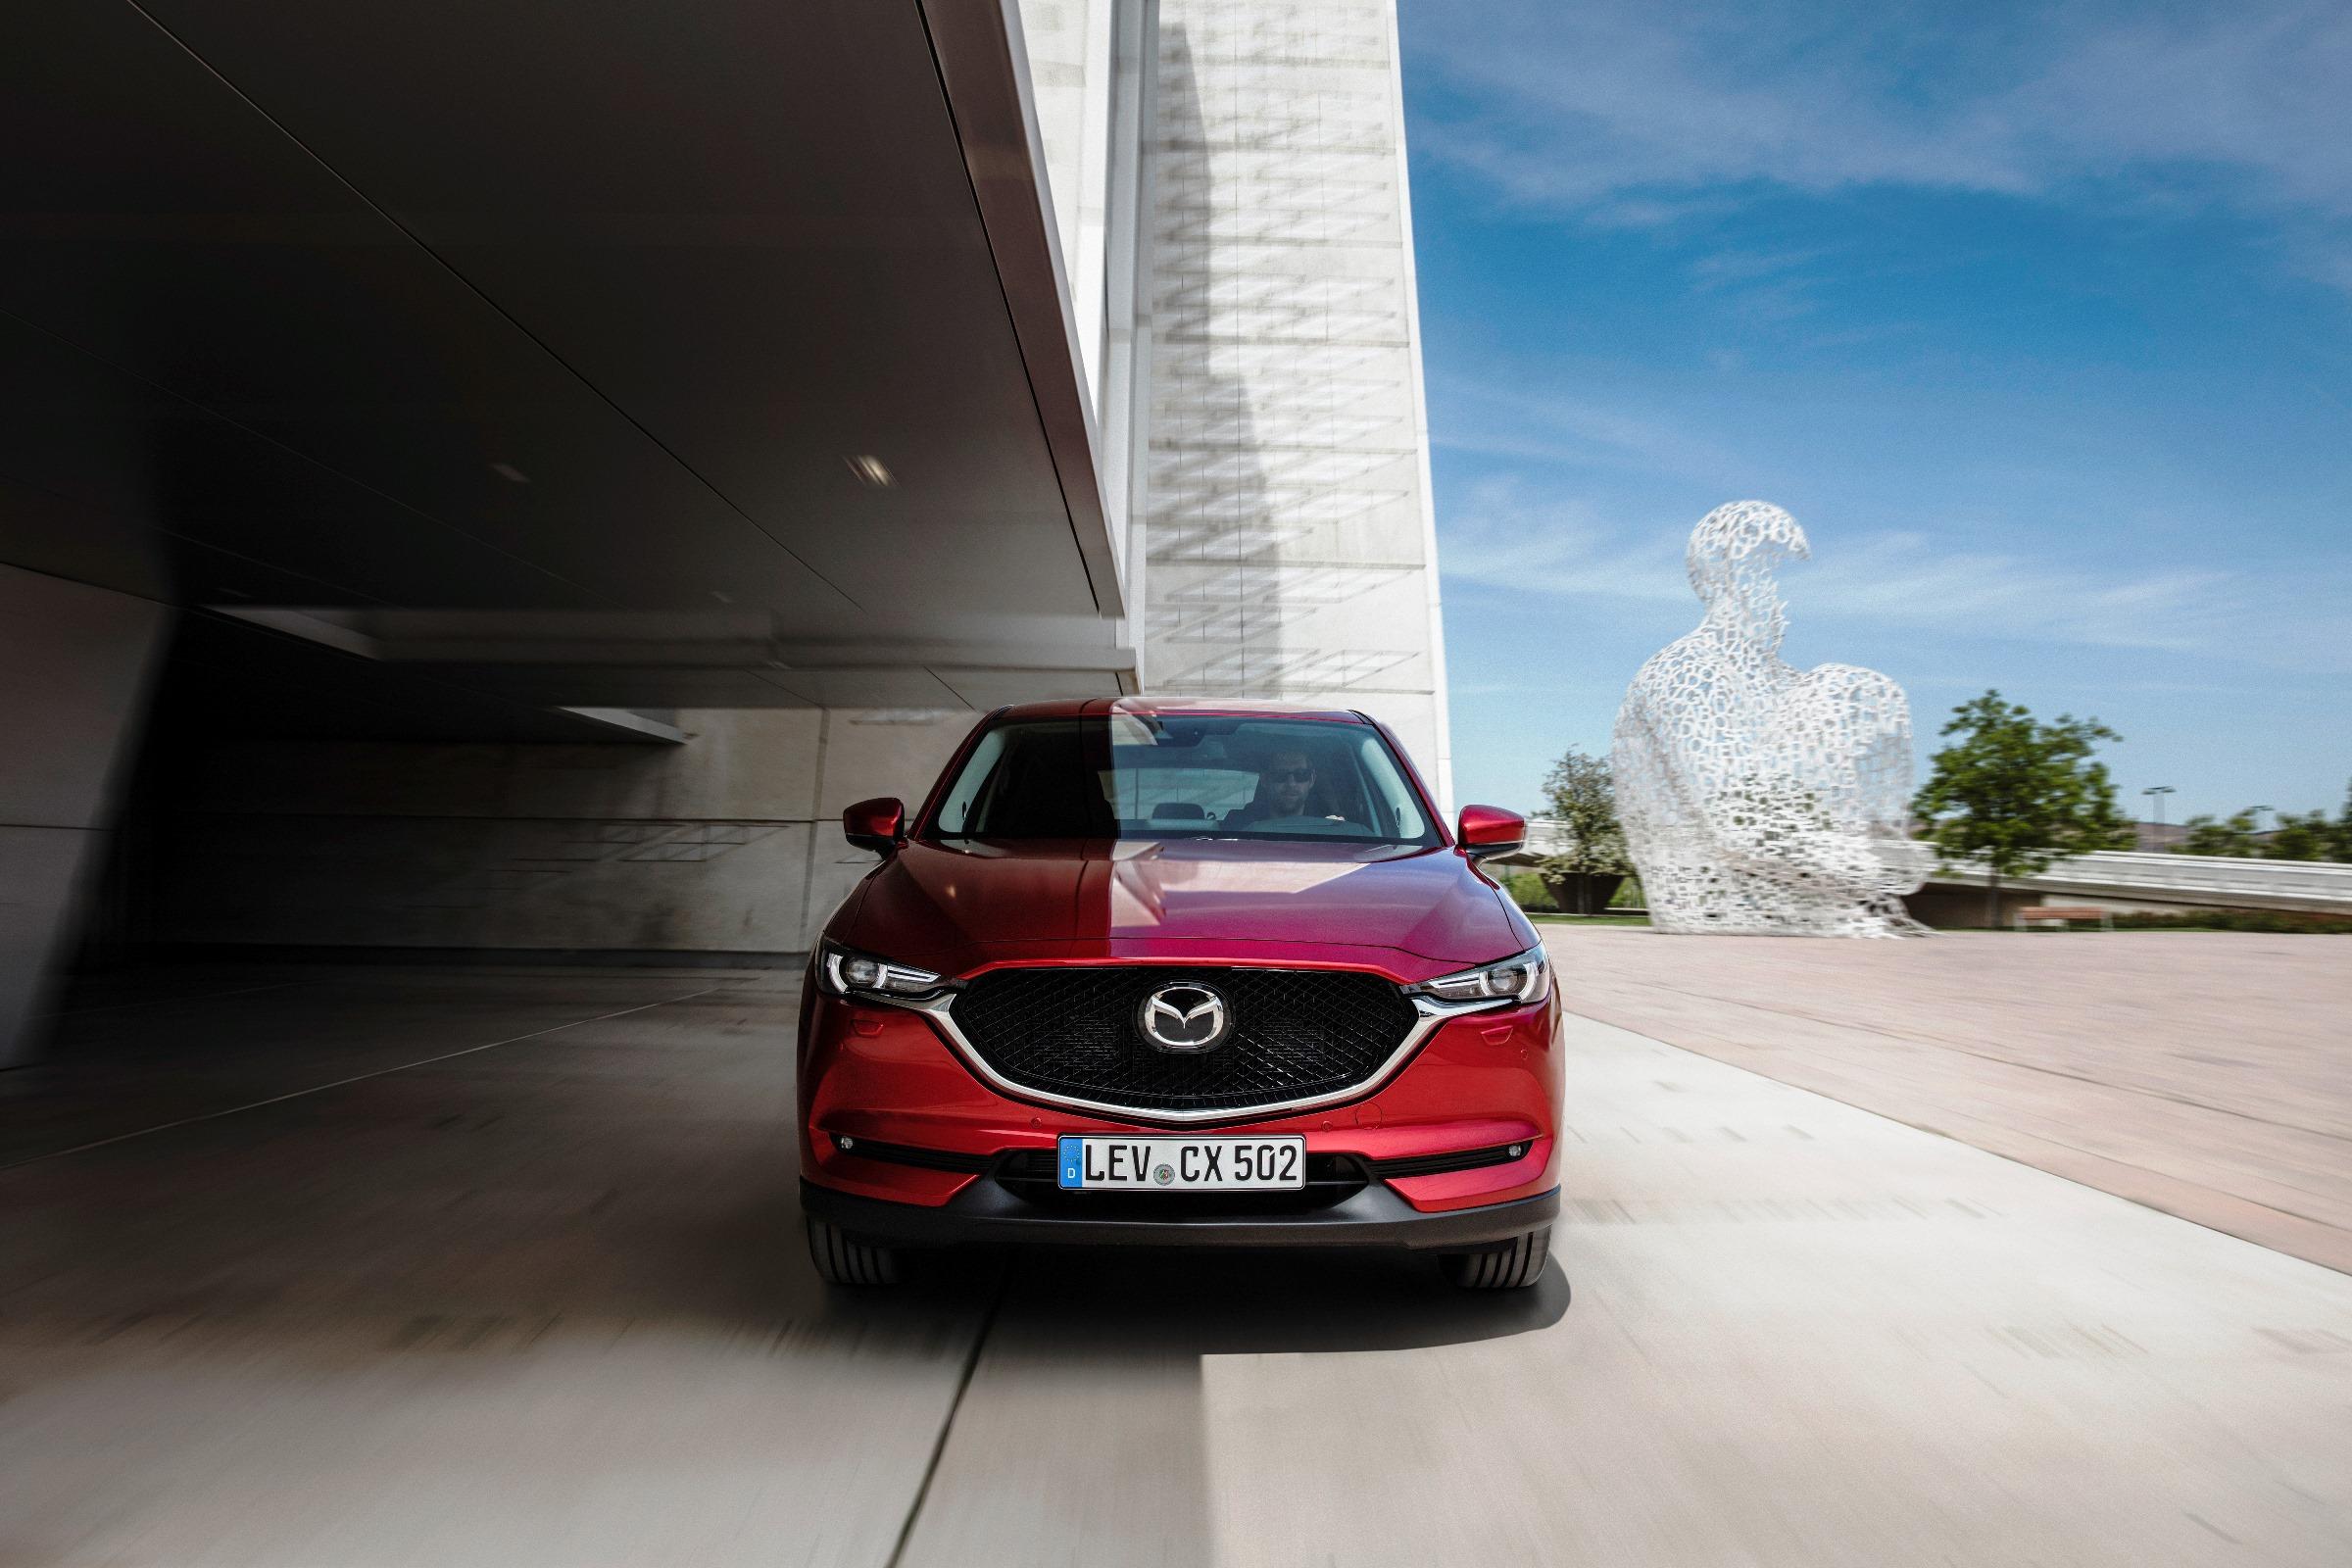 La esencia emocional del Mazda CX-5